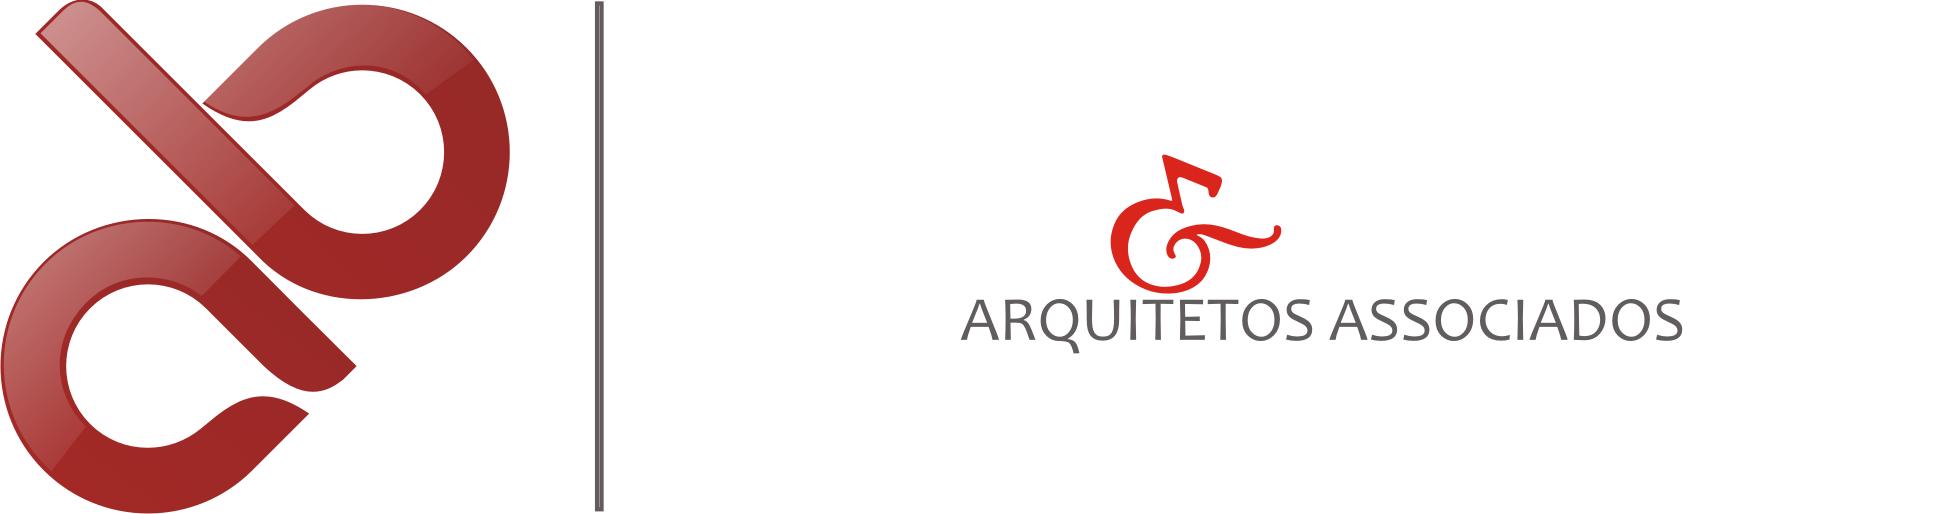 BomFim&Albuquerque